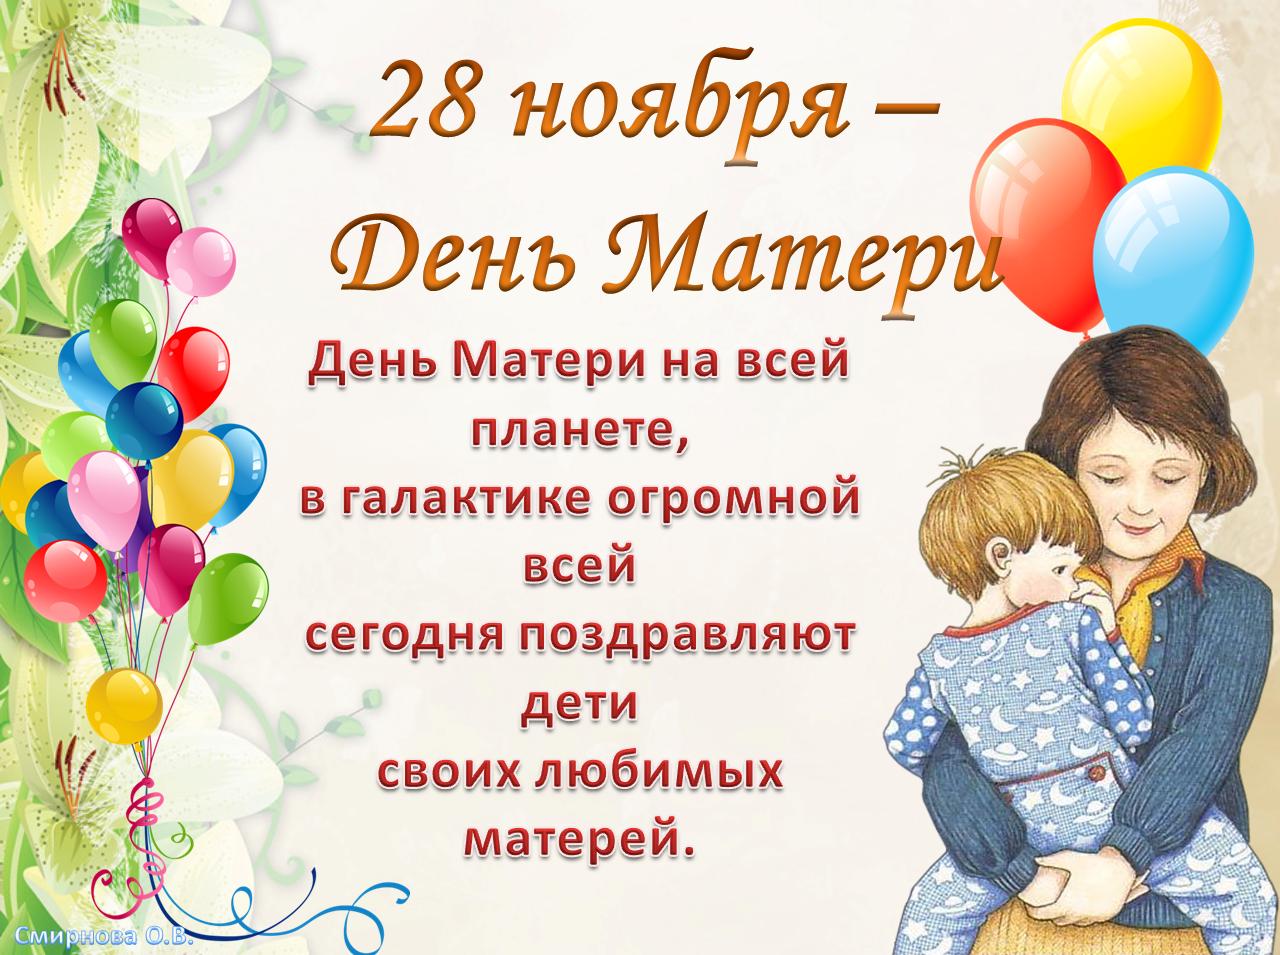 Короткие поздравления на день матери